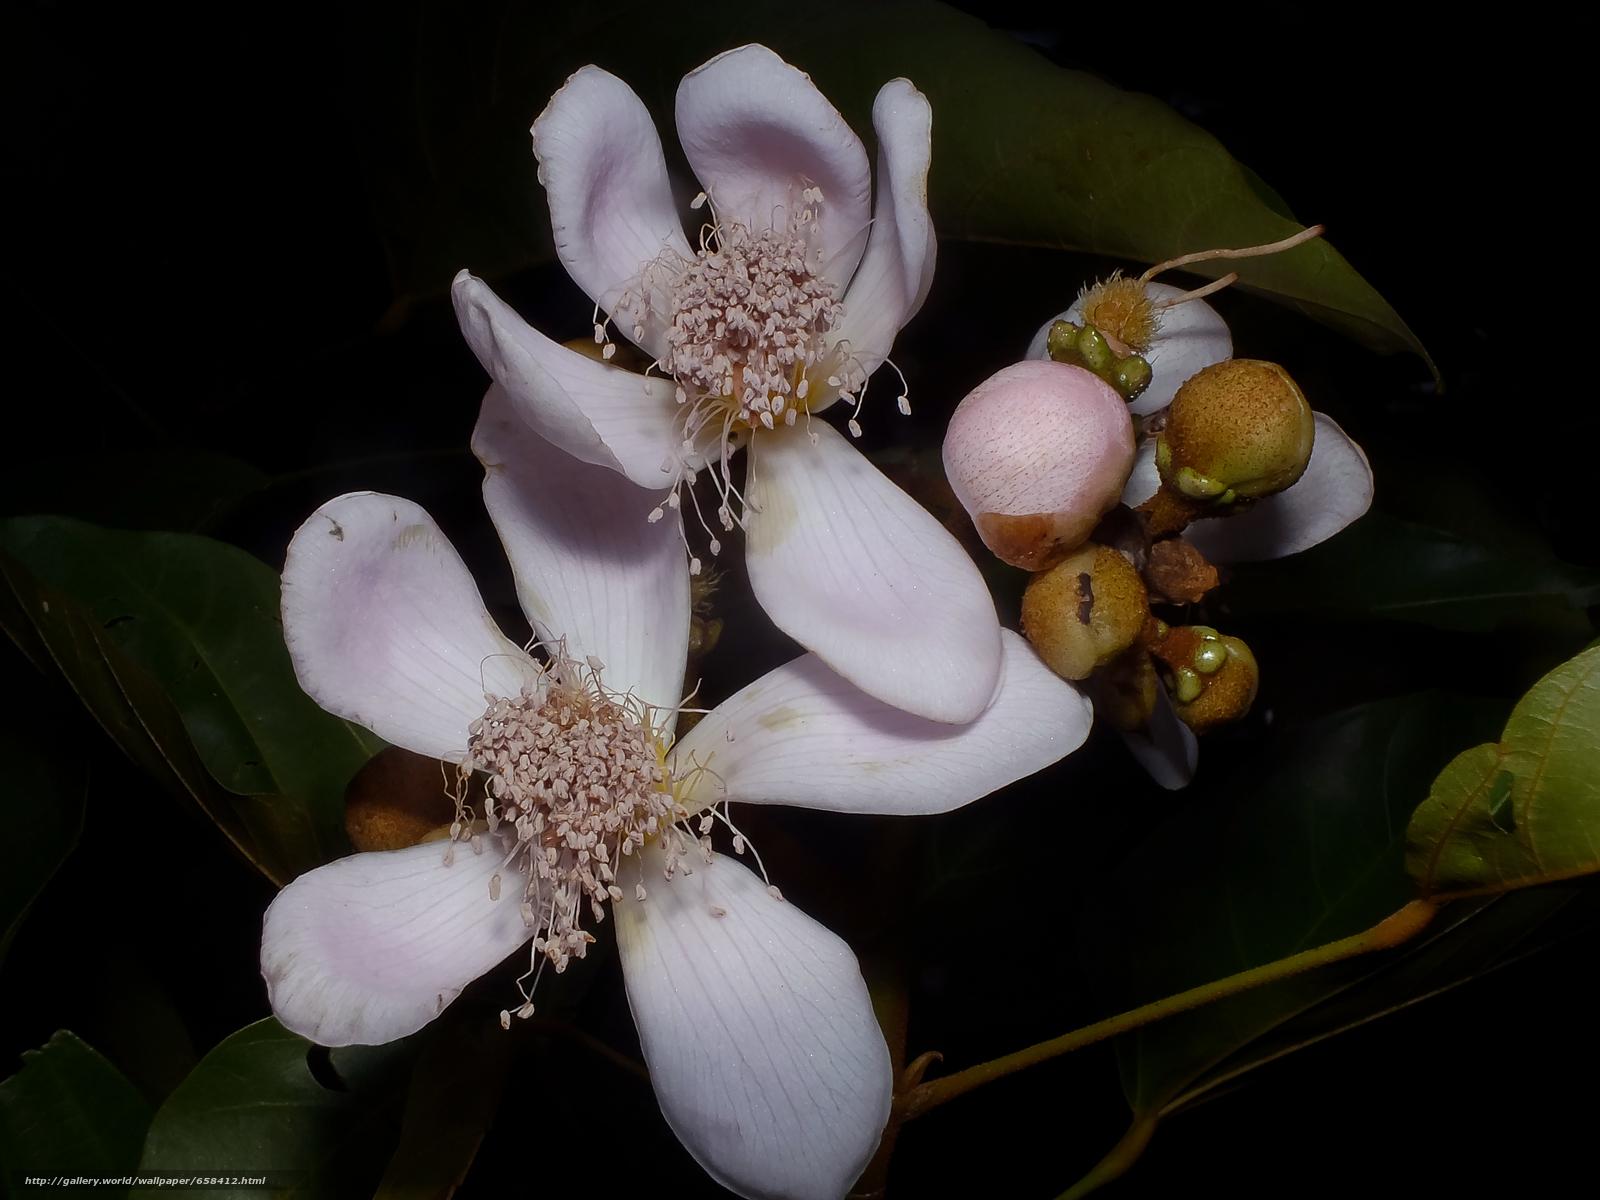 Tlcharger Fond d'ecran fleur,  Fleurs,  flore Fonds d'ecran gratuits pour votre rsolution du bureau 4608x3456 — image №658412